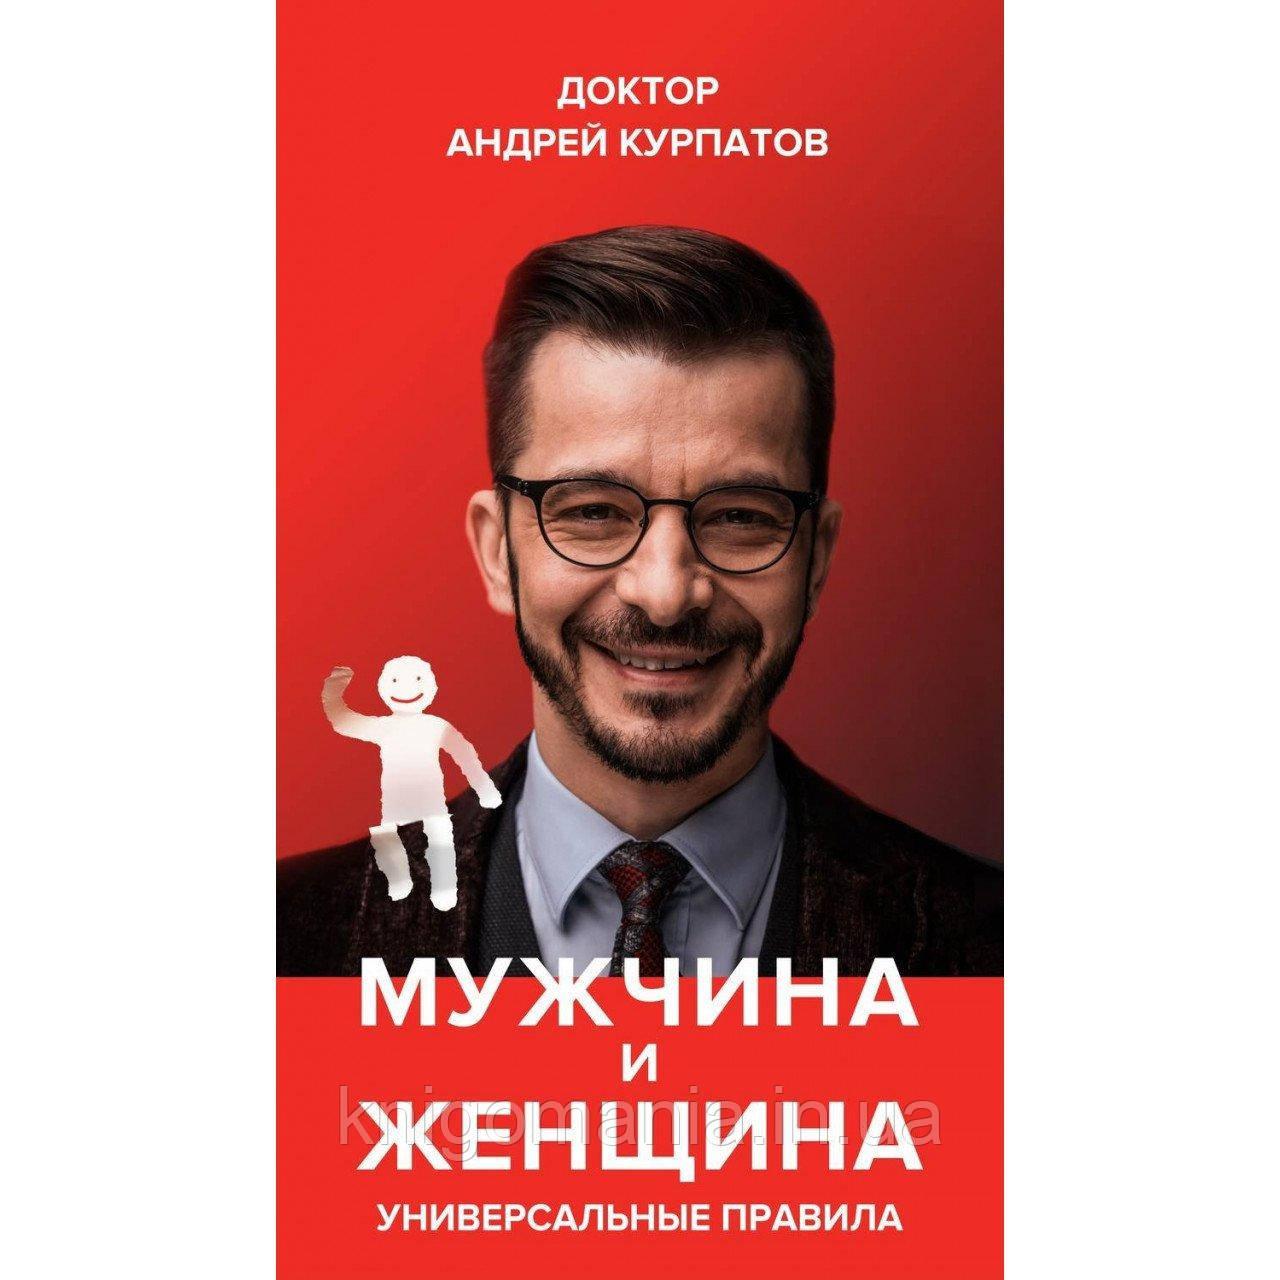 """Книга """"Мужчина и женщина. Универсальные правила"""" Андрей Курпатов."""